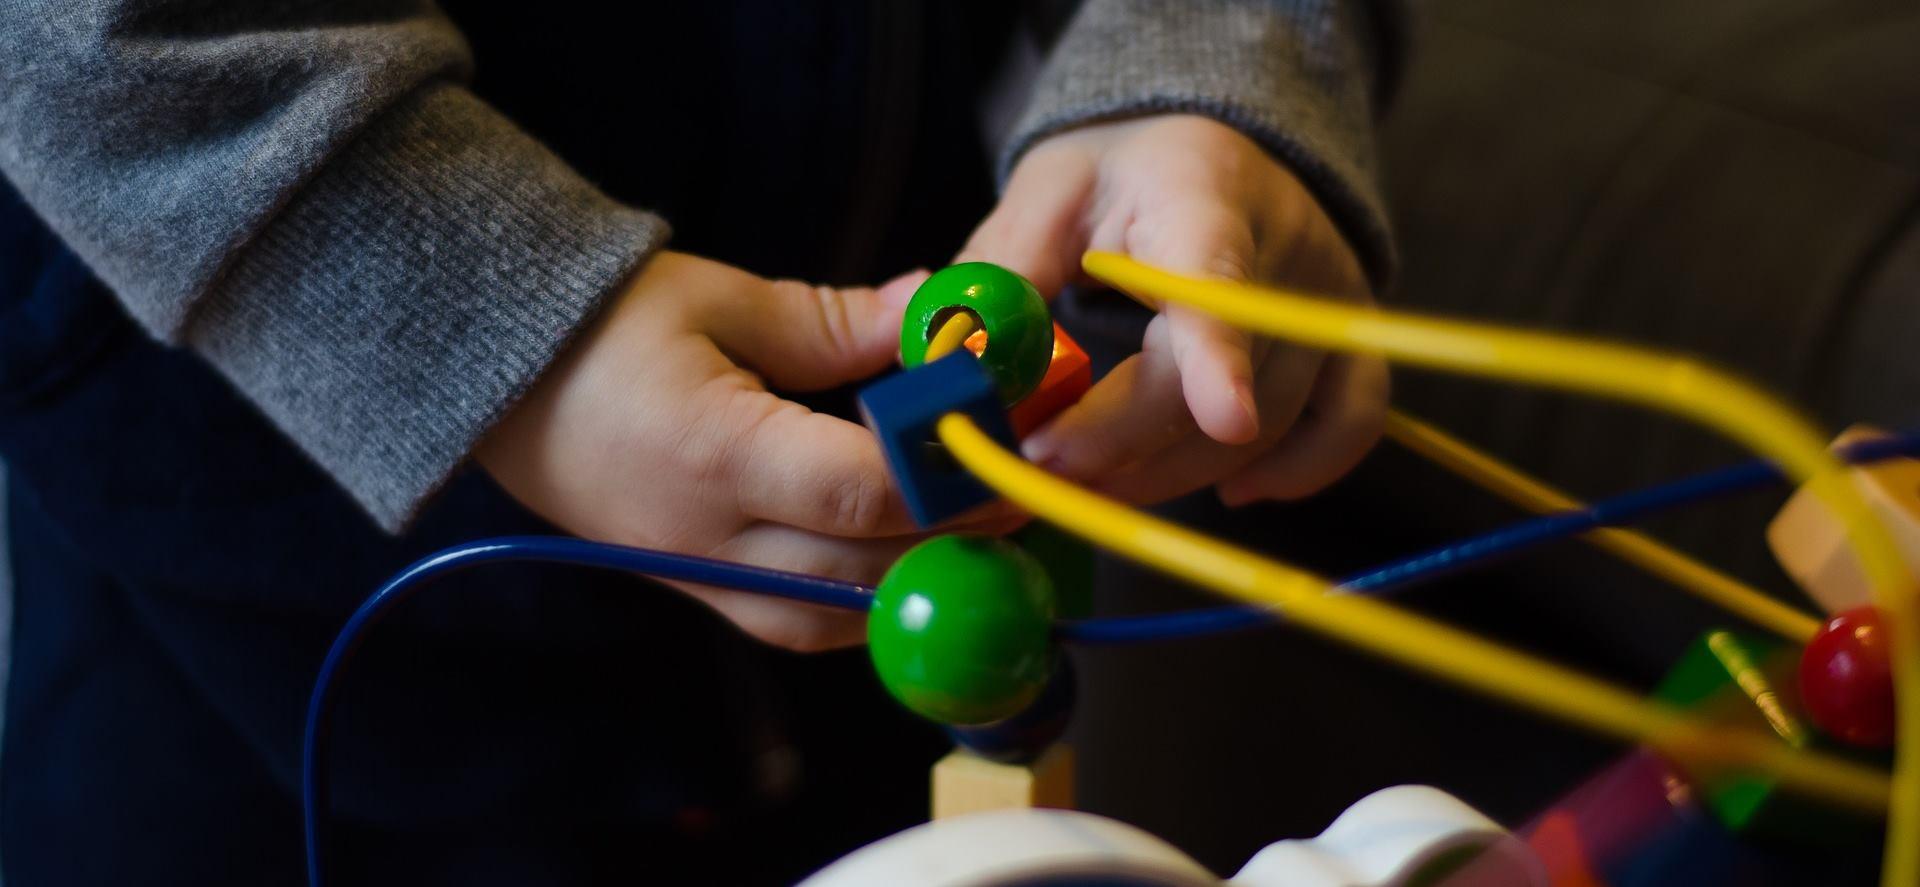 Razvoj djeteta potičite kroz igru s edukativnim igračkama